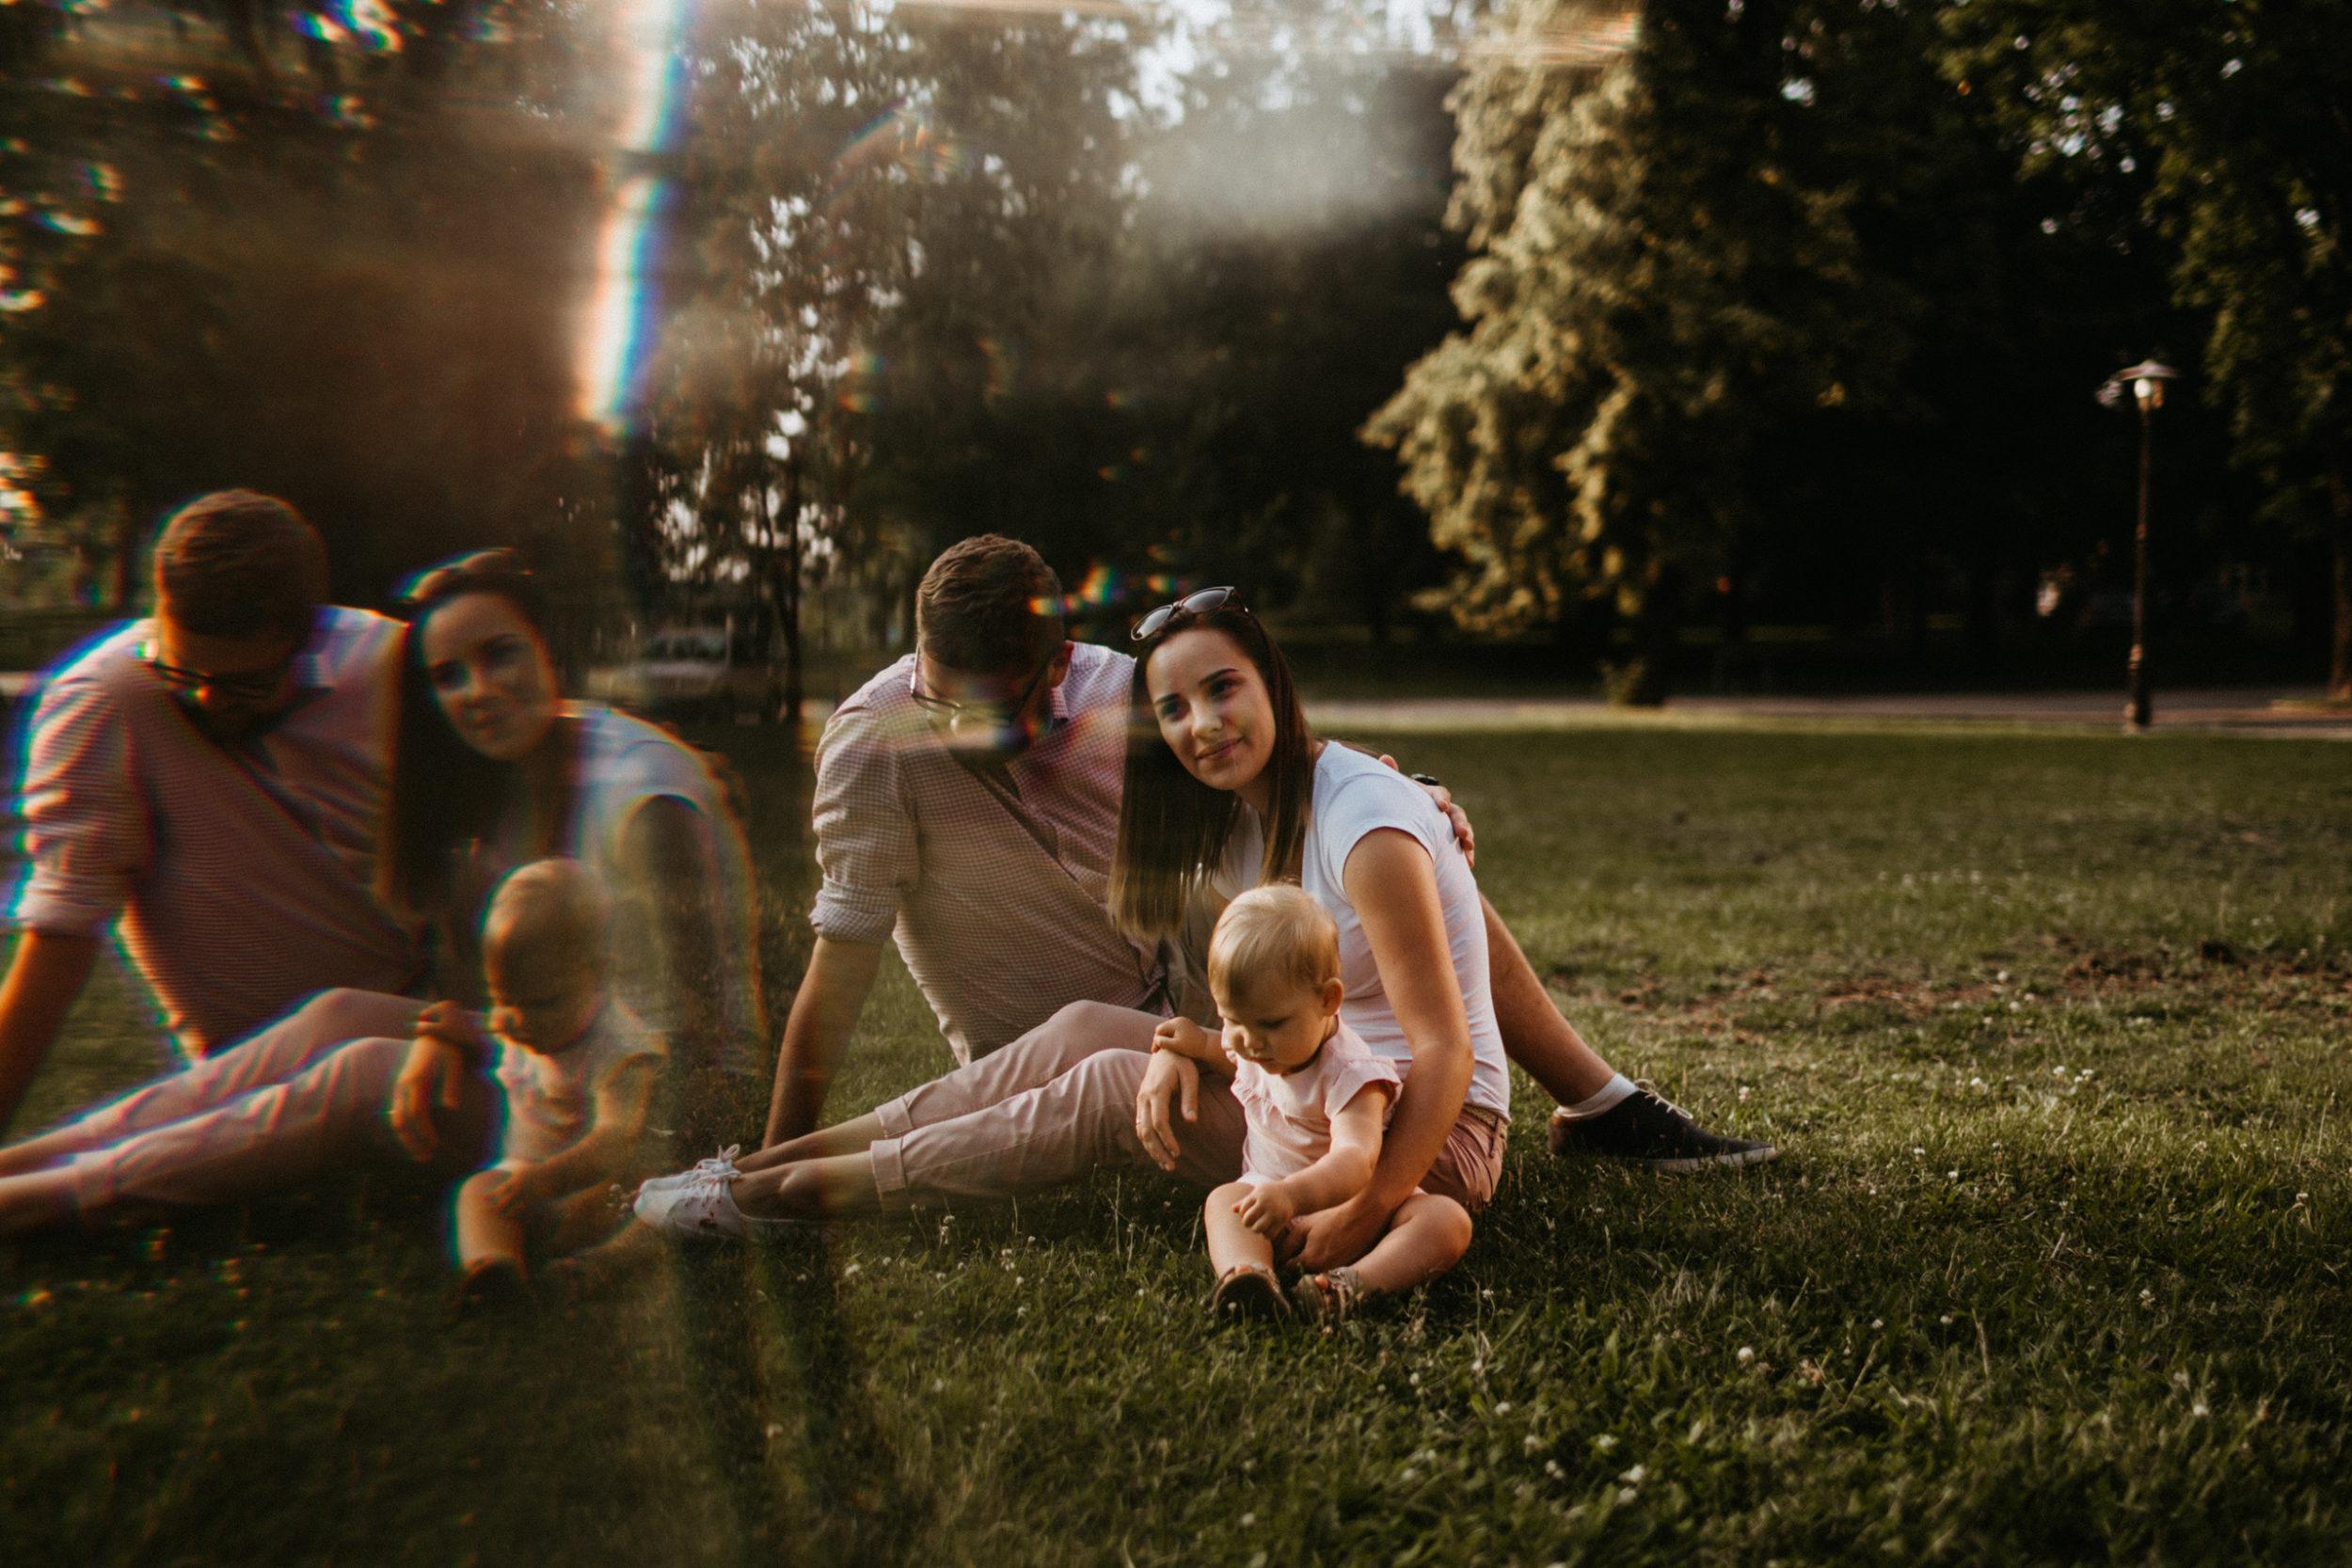 sesja rodzinna w miescie fotografia slask 00022